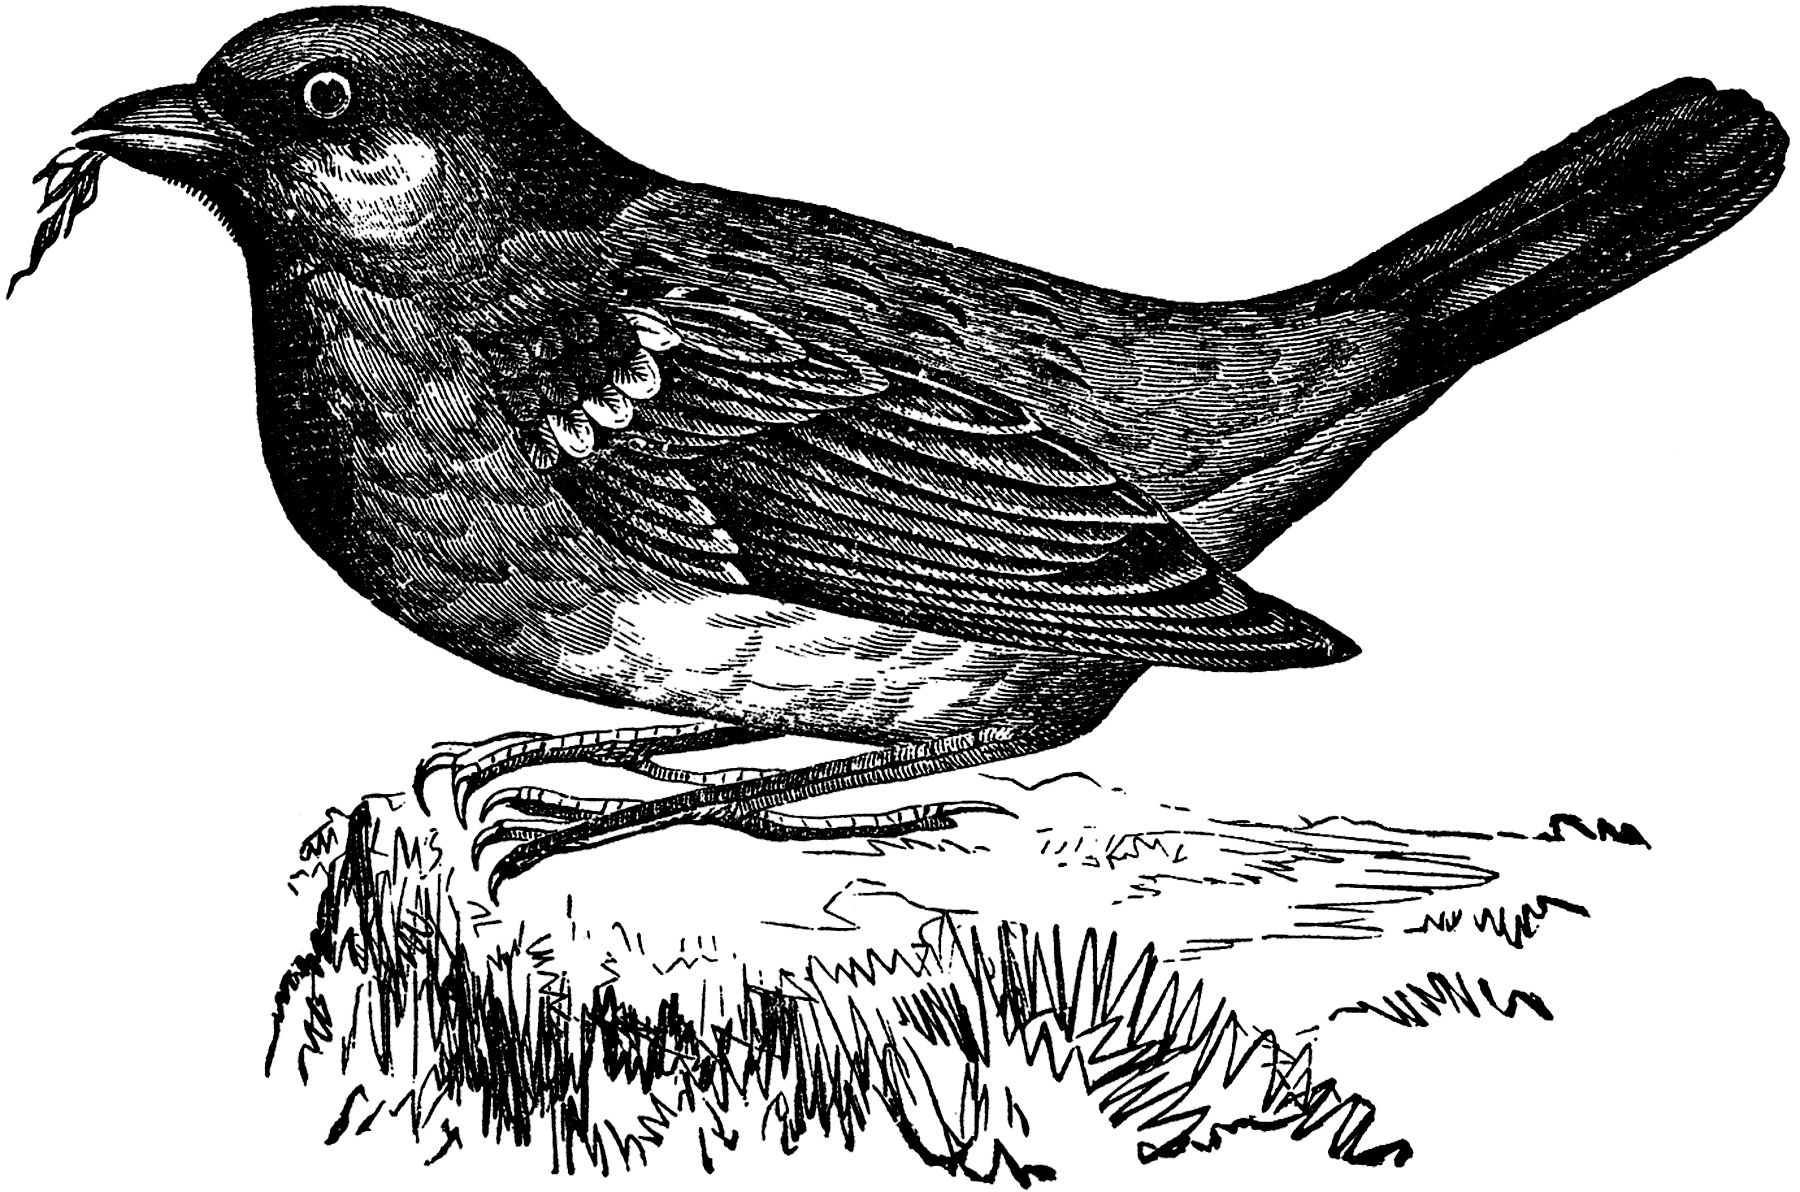 Vintage Bird Engraving Image